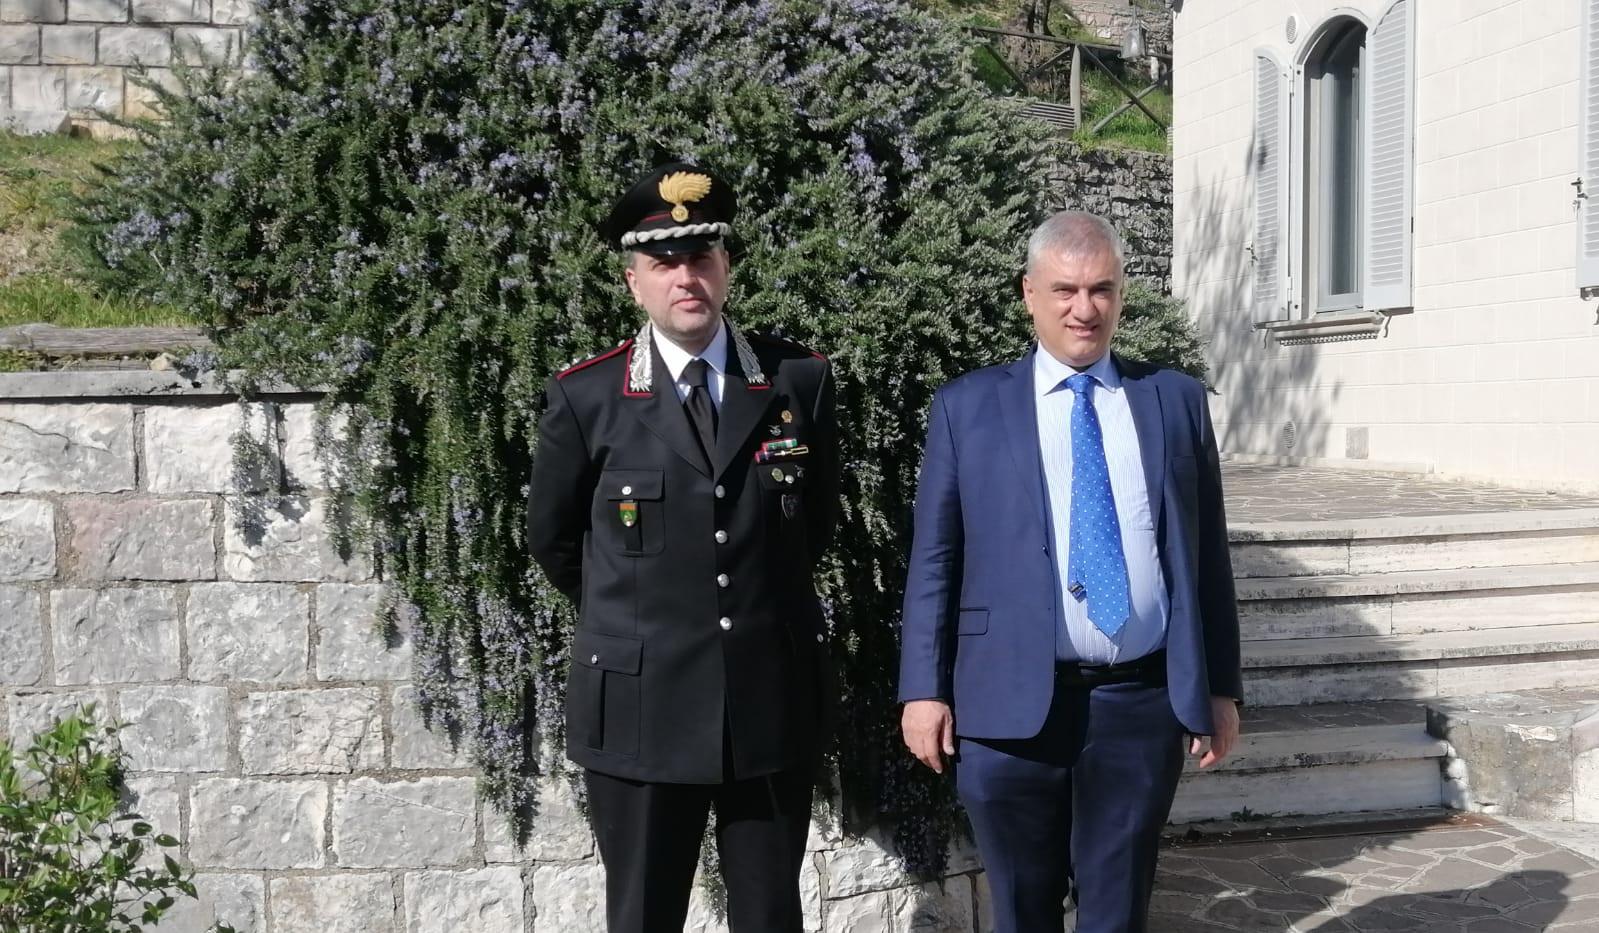 visita_reparto_carabinieri_Assisi_30_03_2021